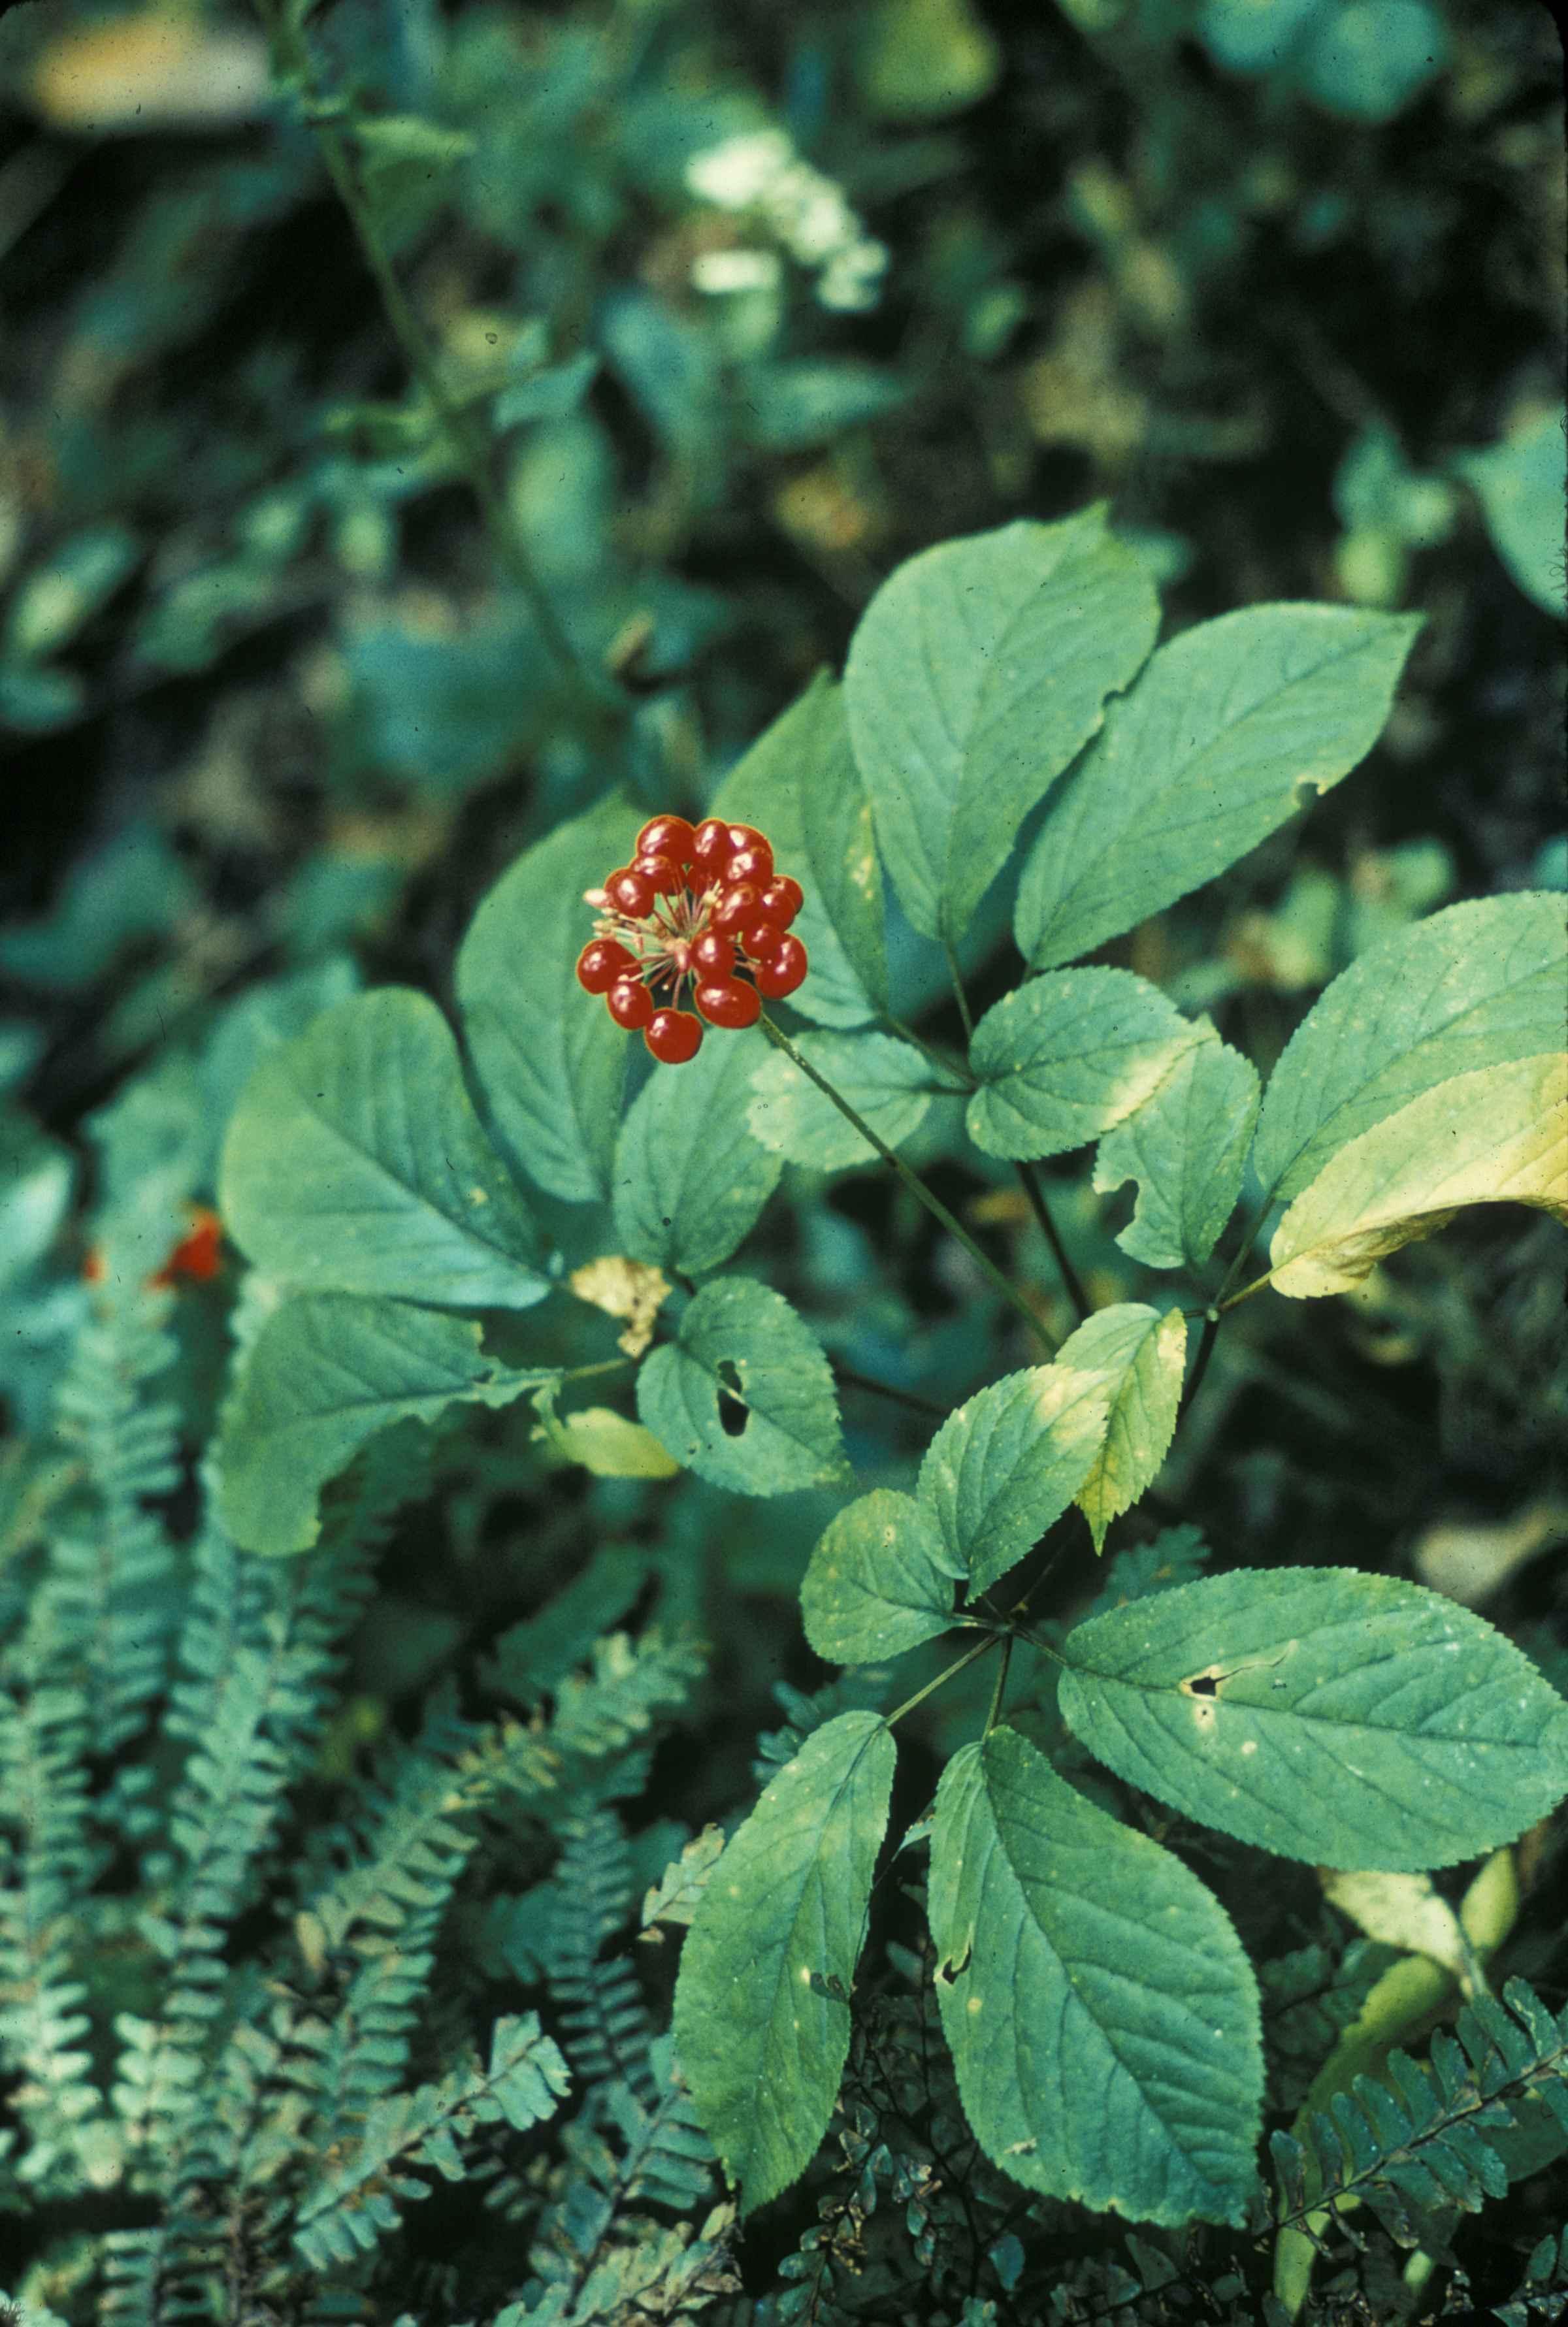 Free picture: ginseng American plant panex quinquefolius